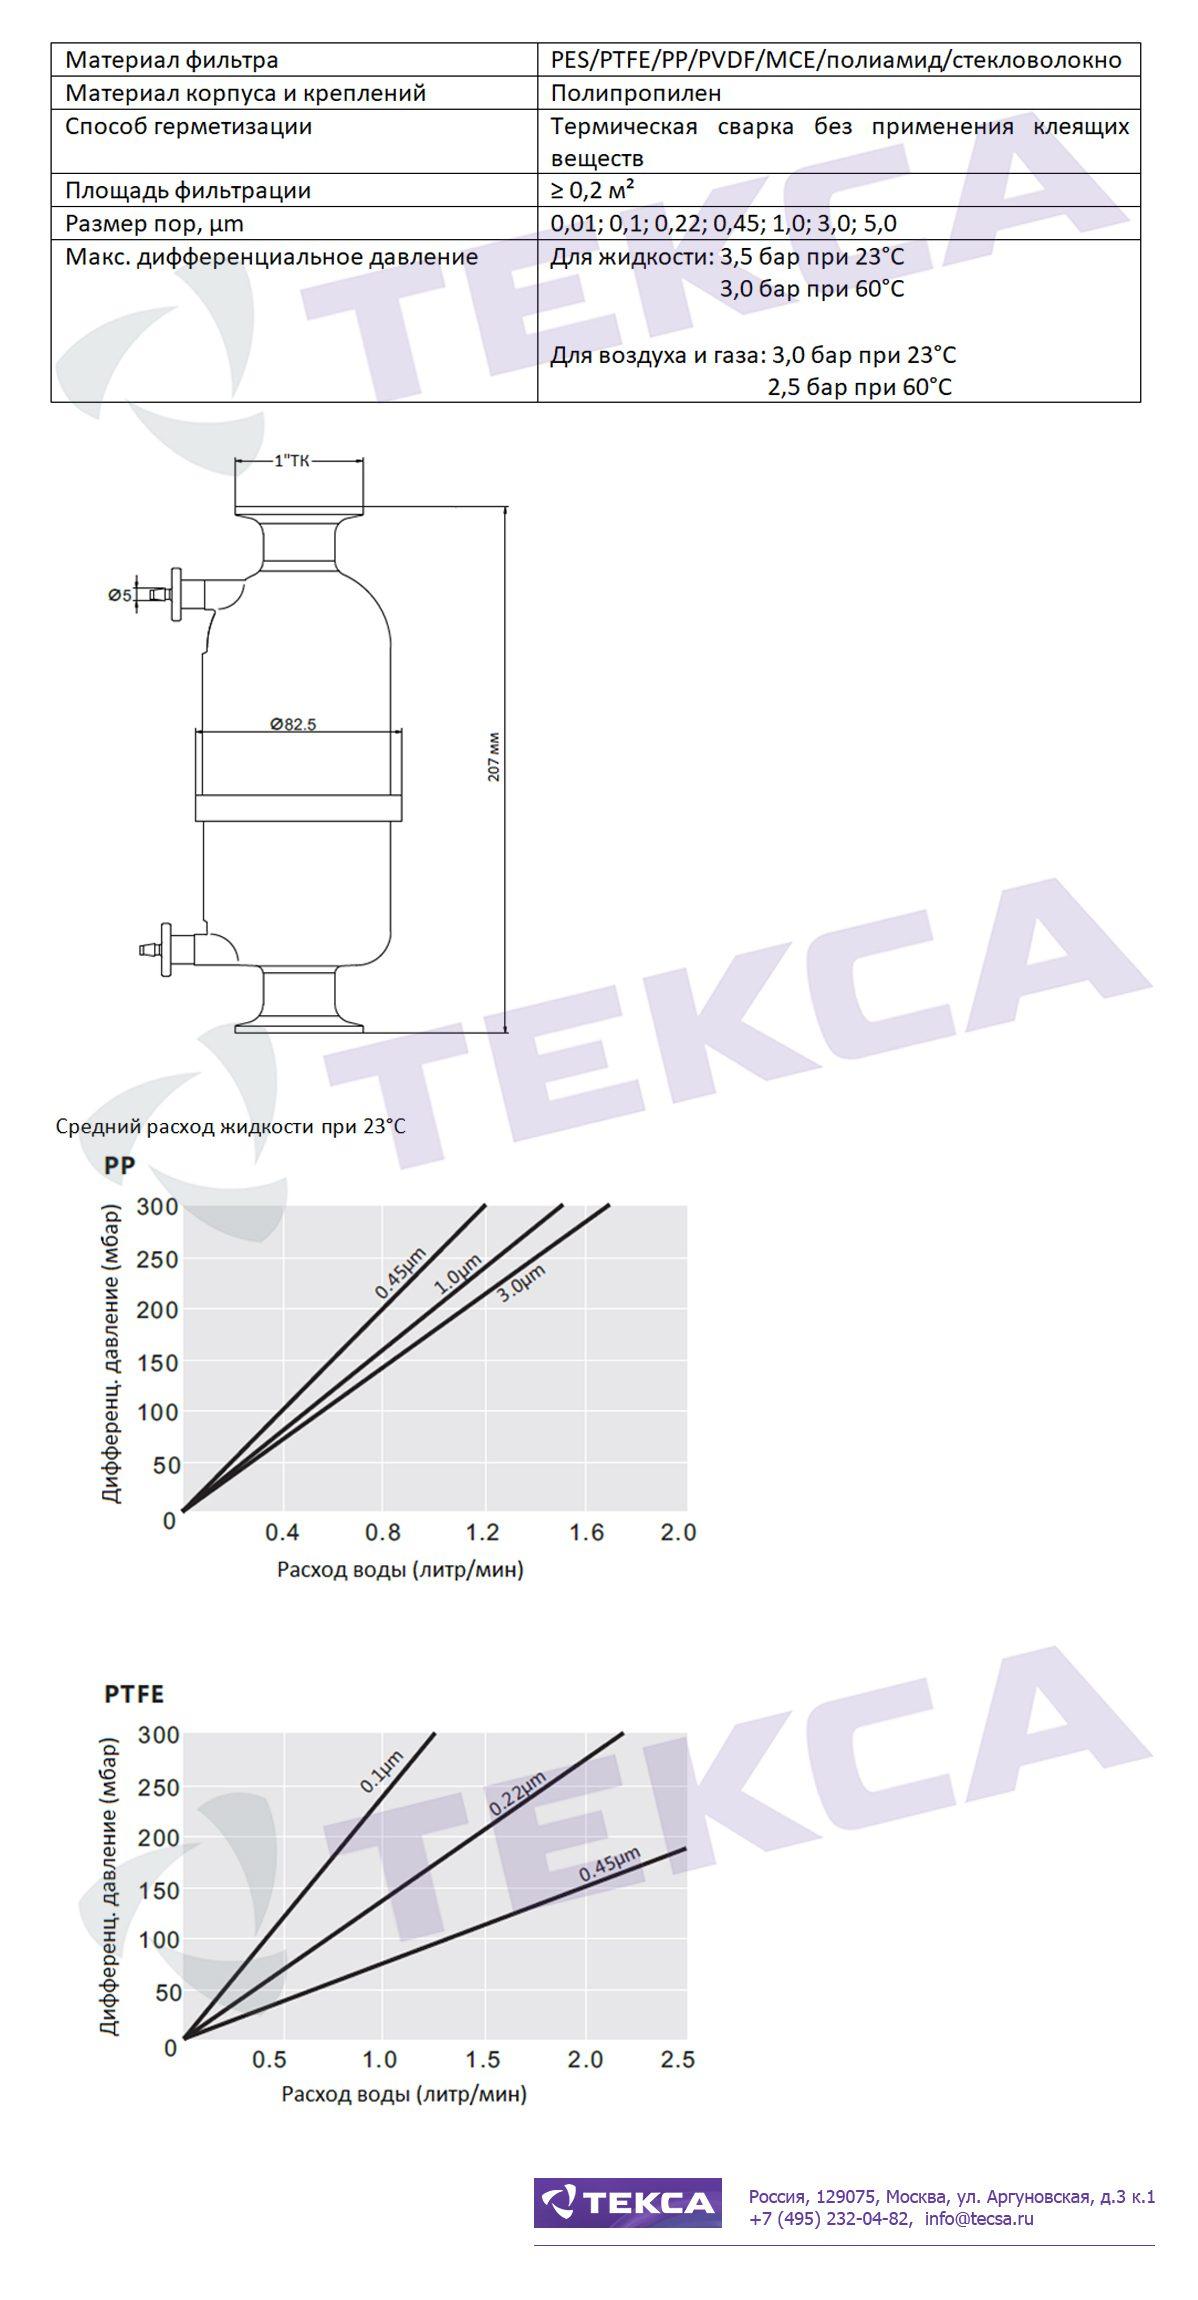 Технические характеристики капсульных фильтров серии CTP